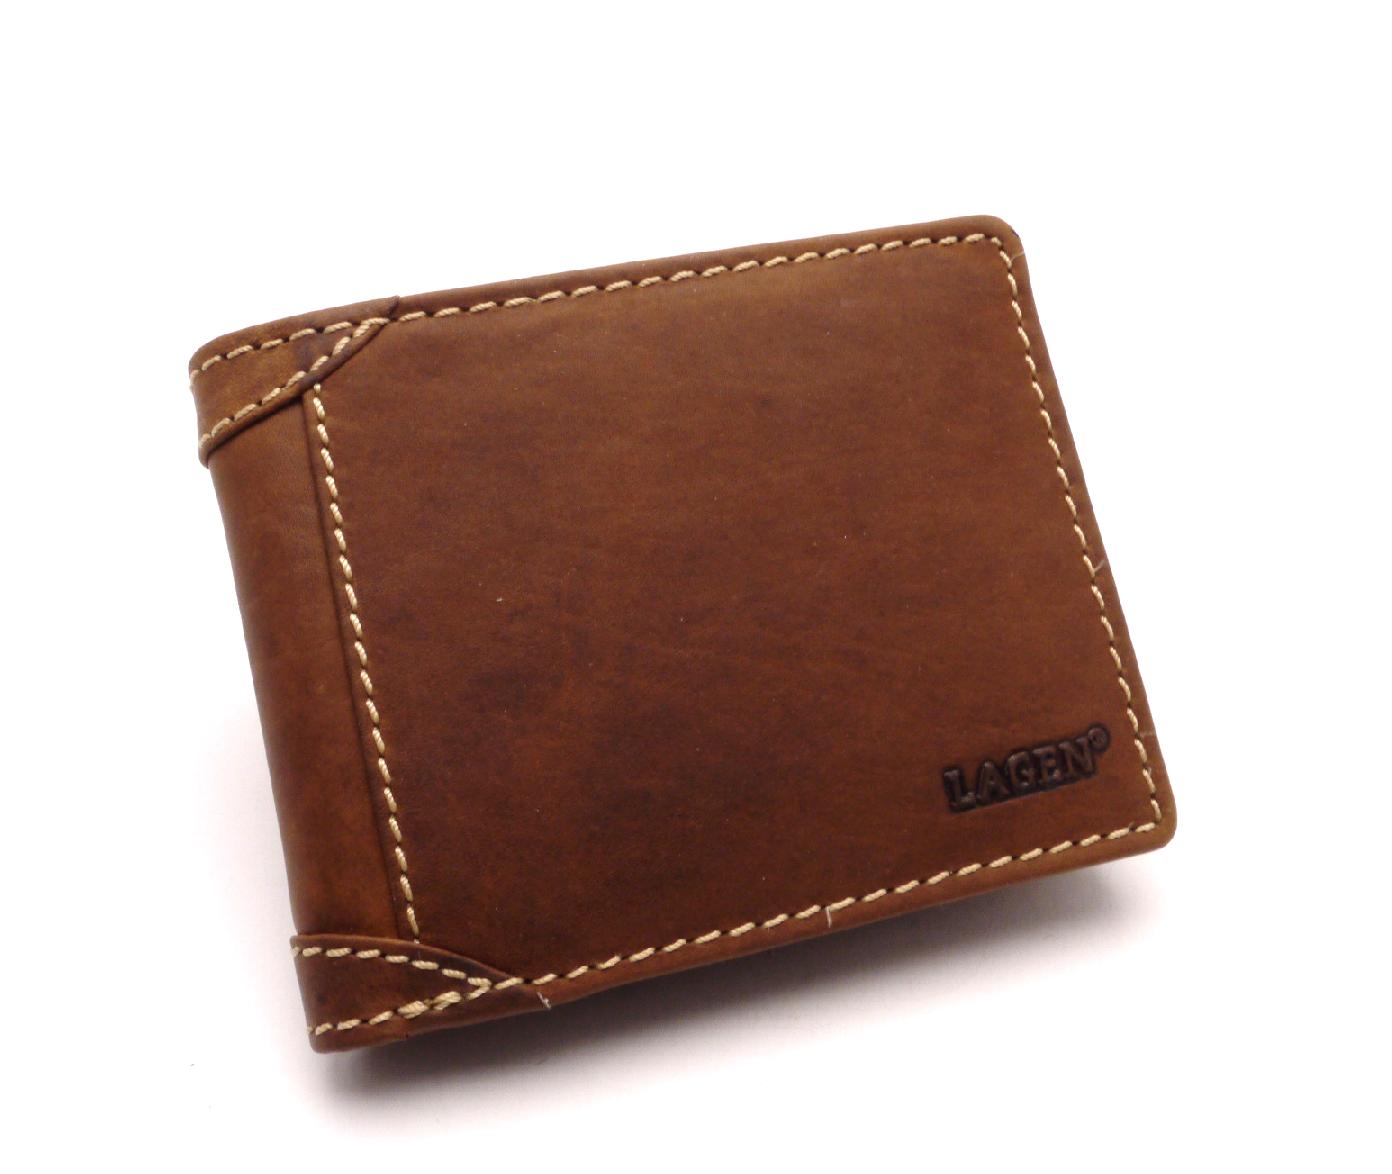 Lagen Pánská kožená peněženka 511462 TAN